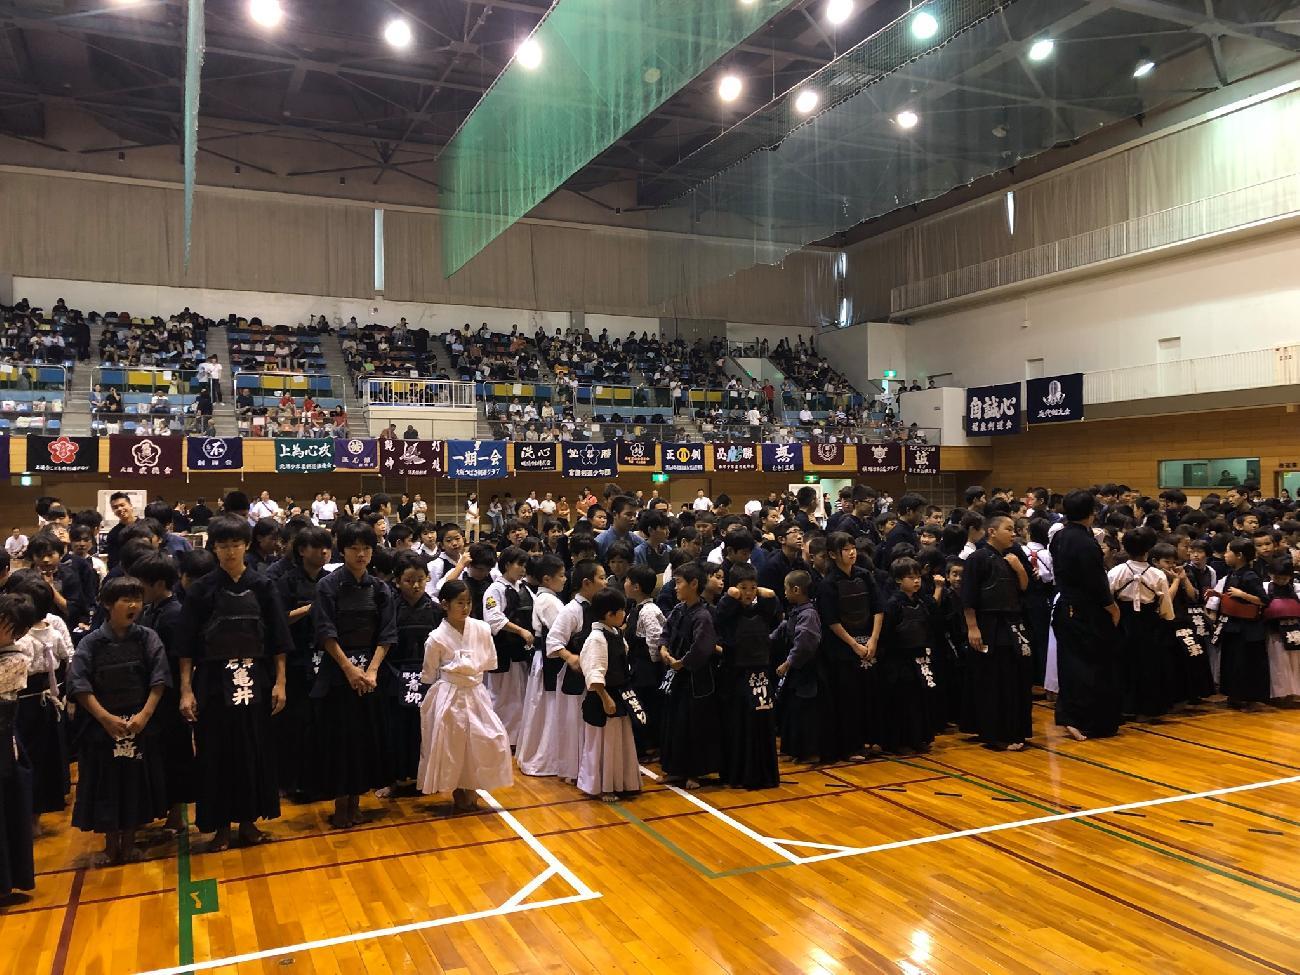 第14回 堺市長杯争奪少年剣道選手権大会